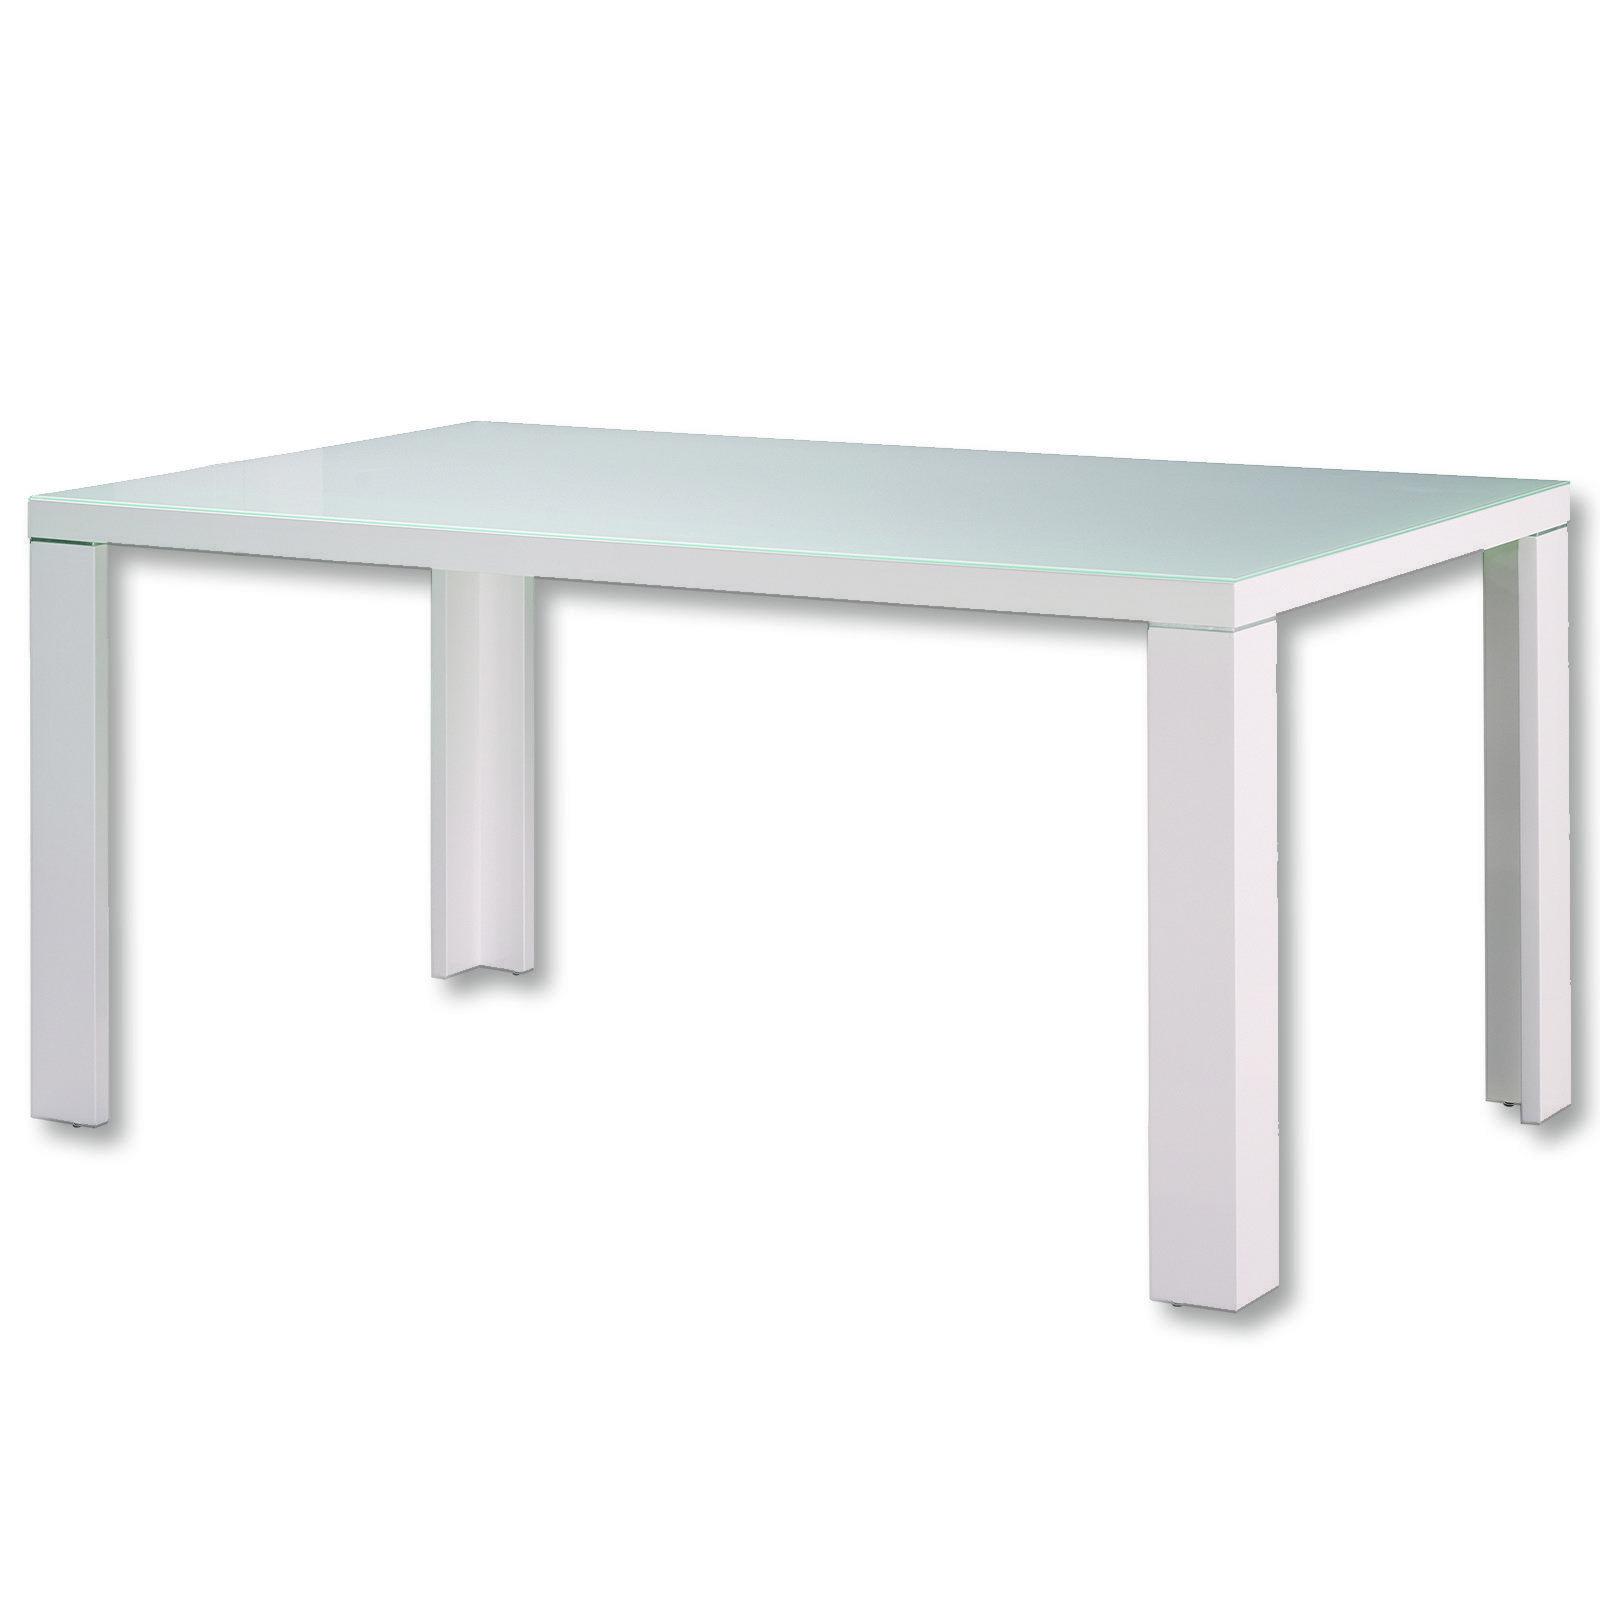 14b5da2b08f6a116a7b6382e3486f2e7 Impressionnant De Ikea Table Exterieur Conception